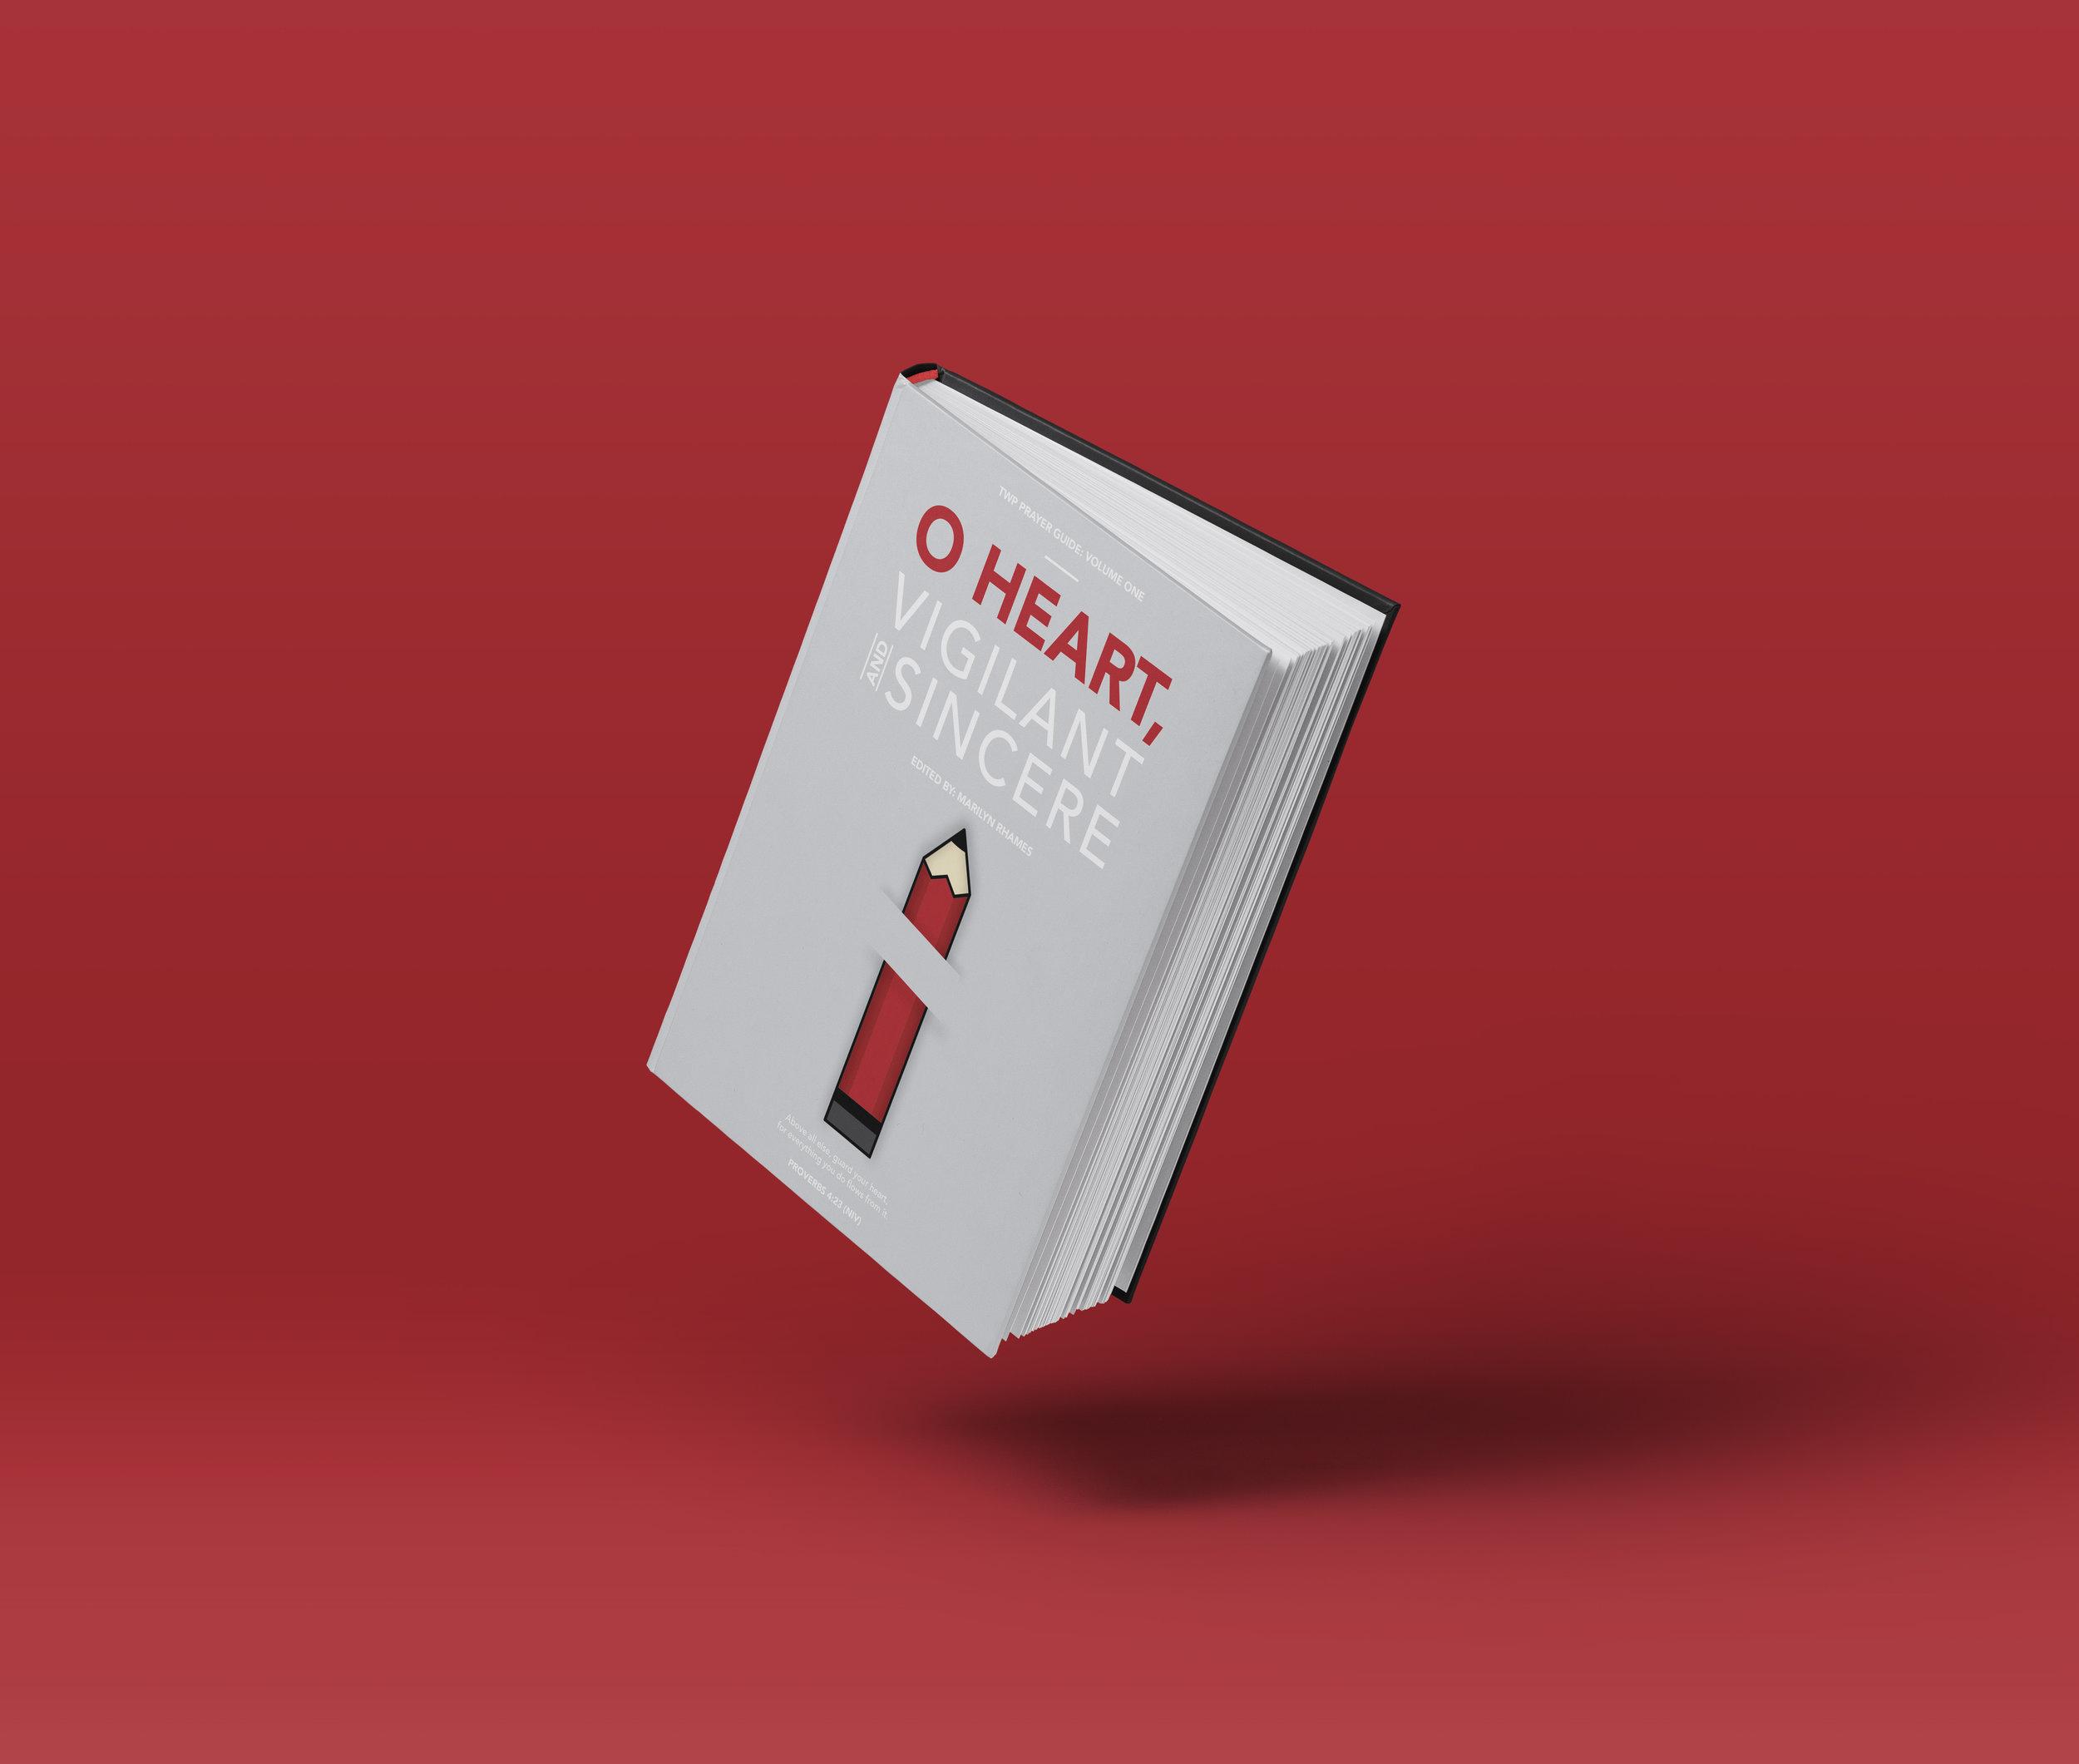 Gravity-Hard-Cover-Book-Mockup_red.jpg